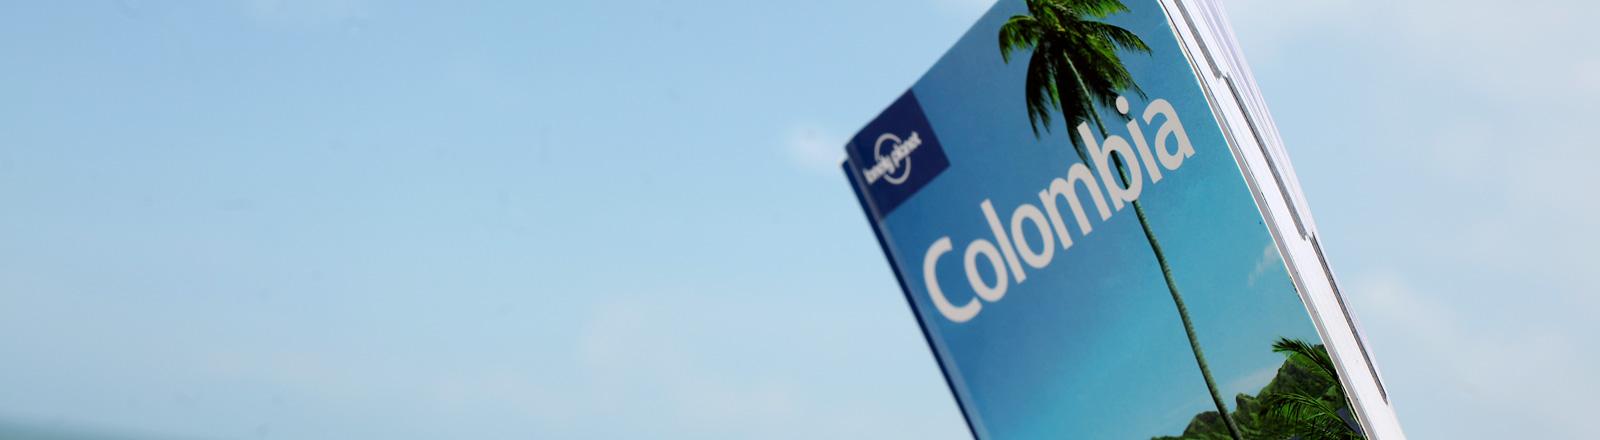 Eine junge Frau liest im Lonely Planet Columbia am Strand der kolumbianischen Karibikkueste.